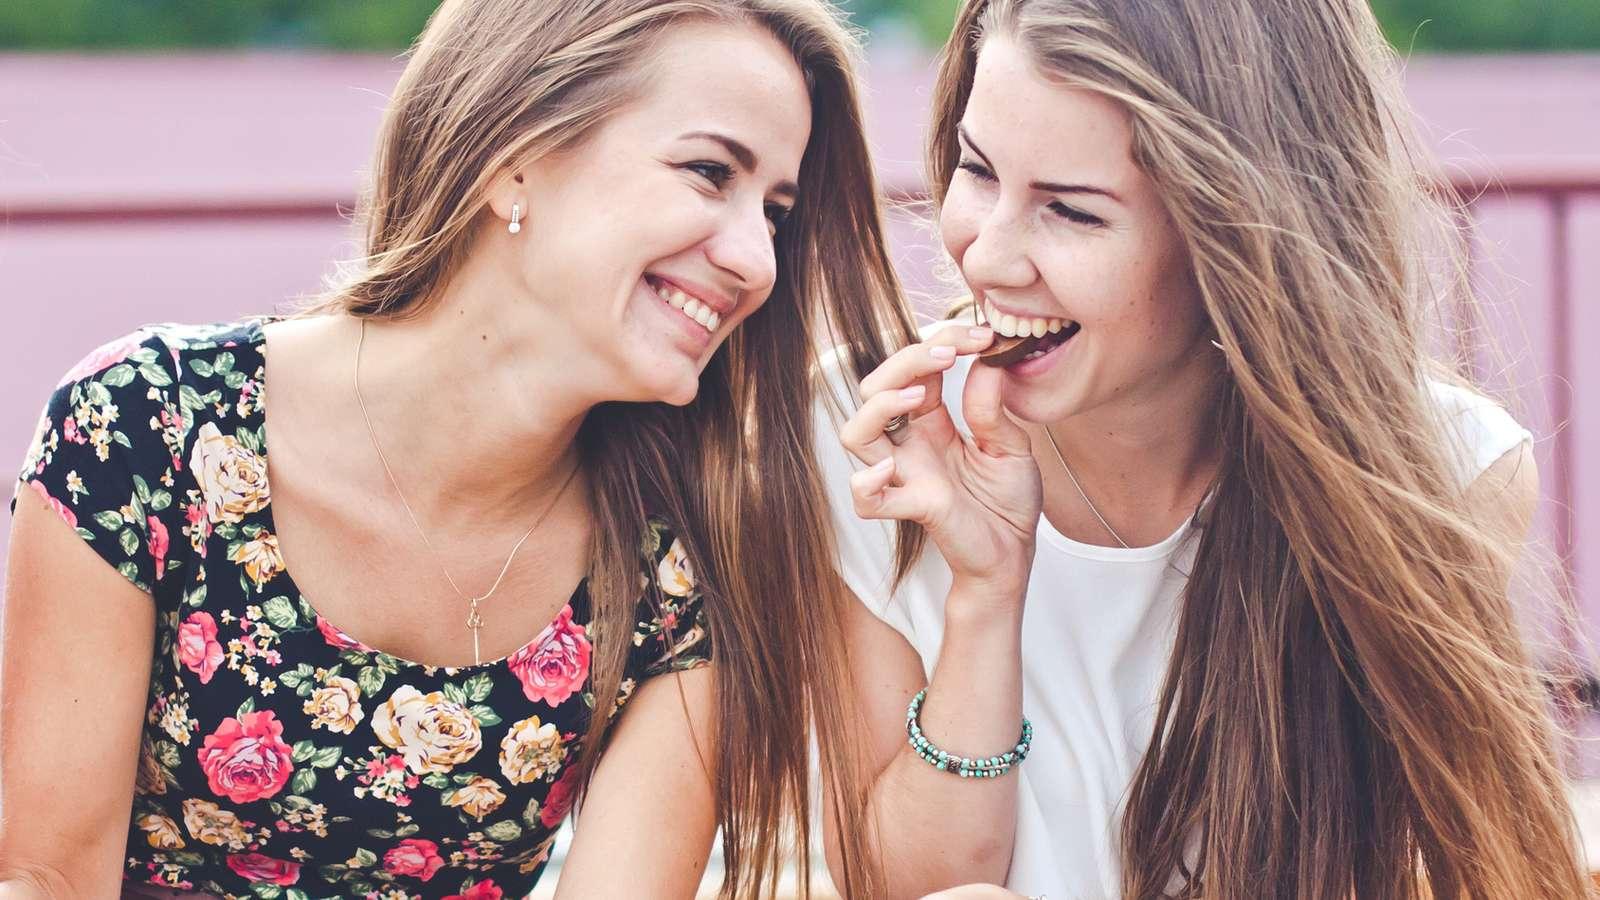 Achtsam essen: So macht Essen glücklich